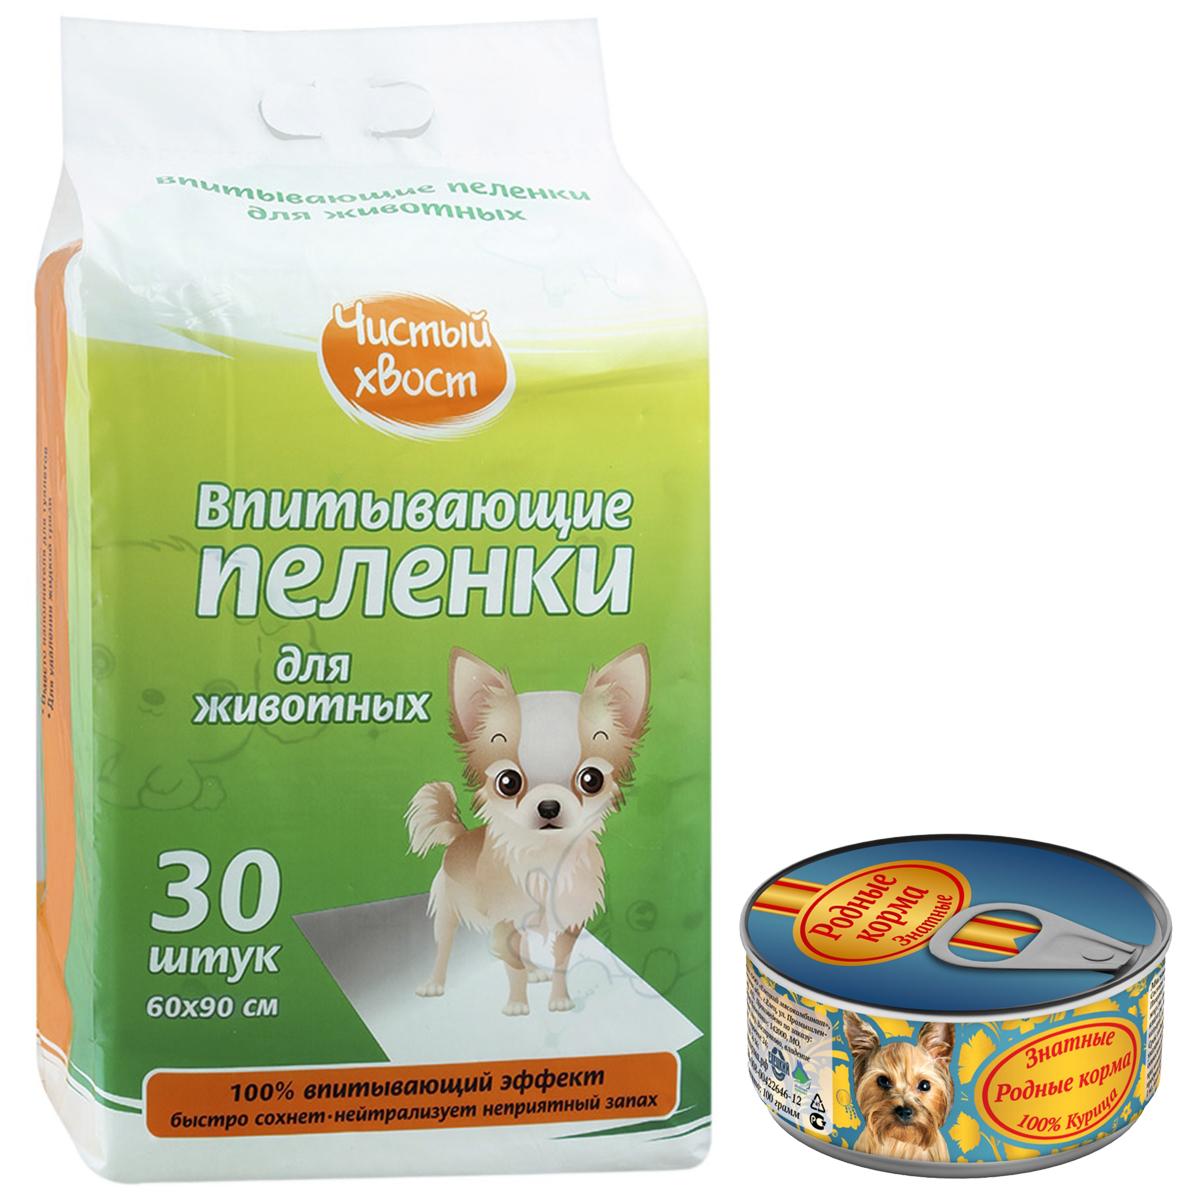 Впитывающие пеленки для животных Чистый хвост, 60х90 см, 30 шт + ПОДАРОК: Консервы для собак Родные корма Знатные, 100 % Курица, 100 г0120710Пелёнки обладают 100% впитывающим эффектом. Нейтрализуют запах. Специальная защита от протекания. Имеют ненавязчивый привлекающий аромат. Без мокрых следов. Быстрое высыхание обеспечивает длительное их использование + ПОДАРОК Консервы РОДНЫЕ КОРМА Знатные 100 % Курица для собак 100 г